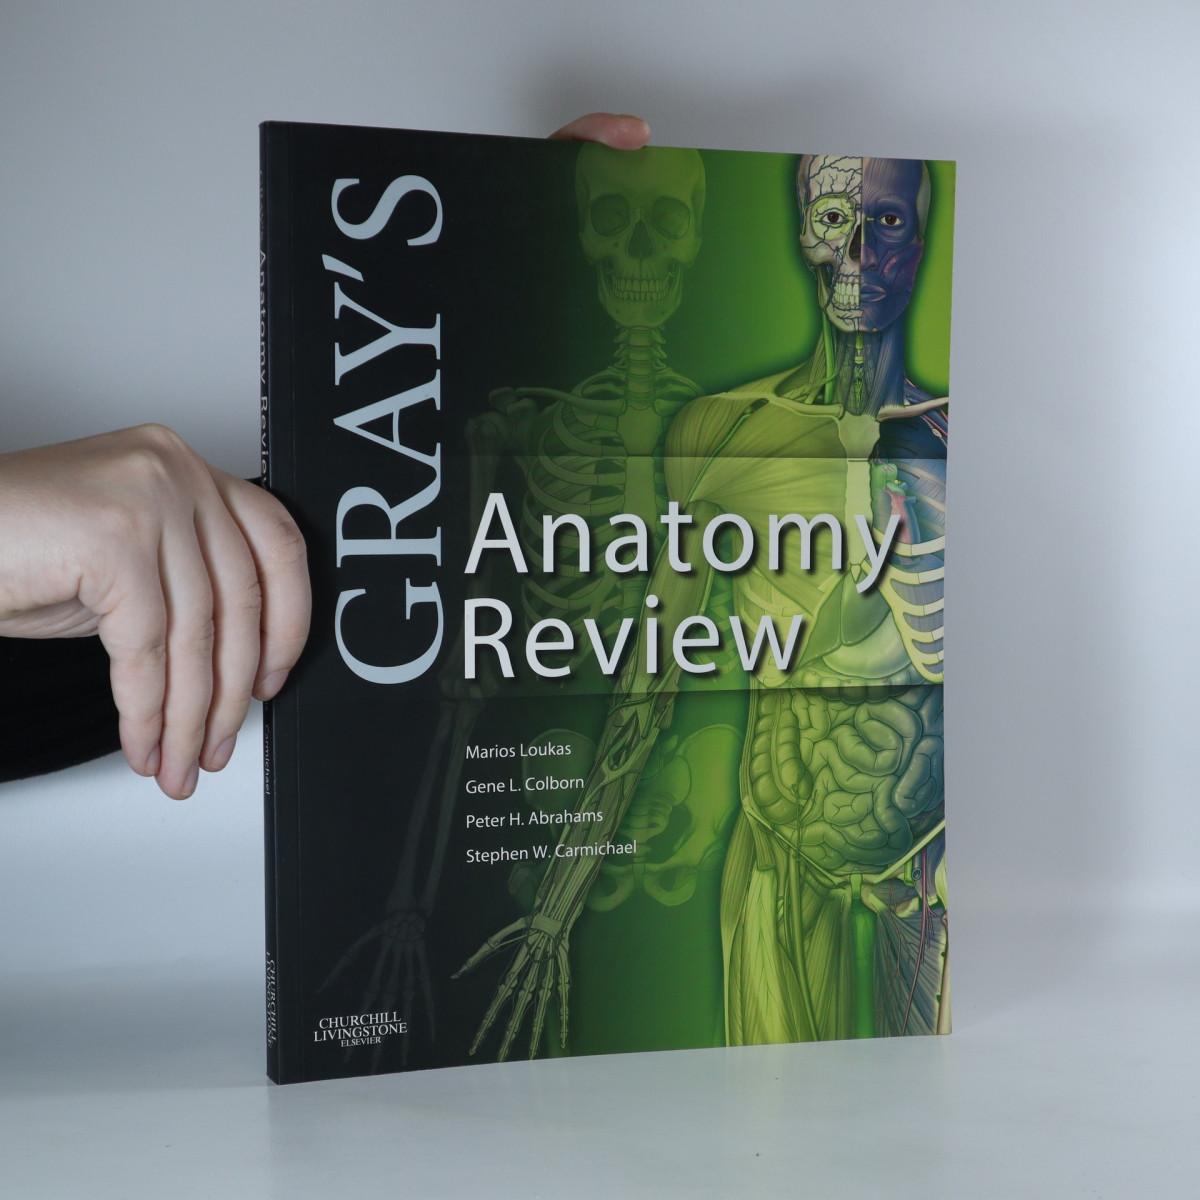 antikvární kniha Gray's Anatomy Review, 2010